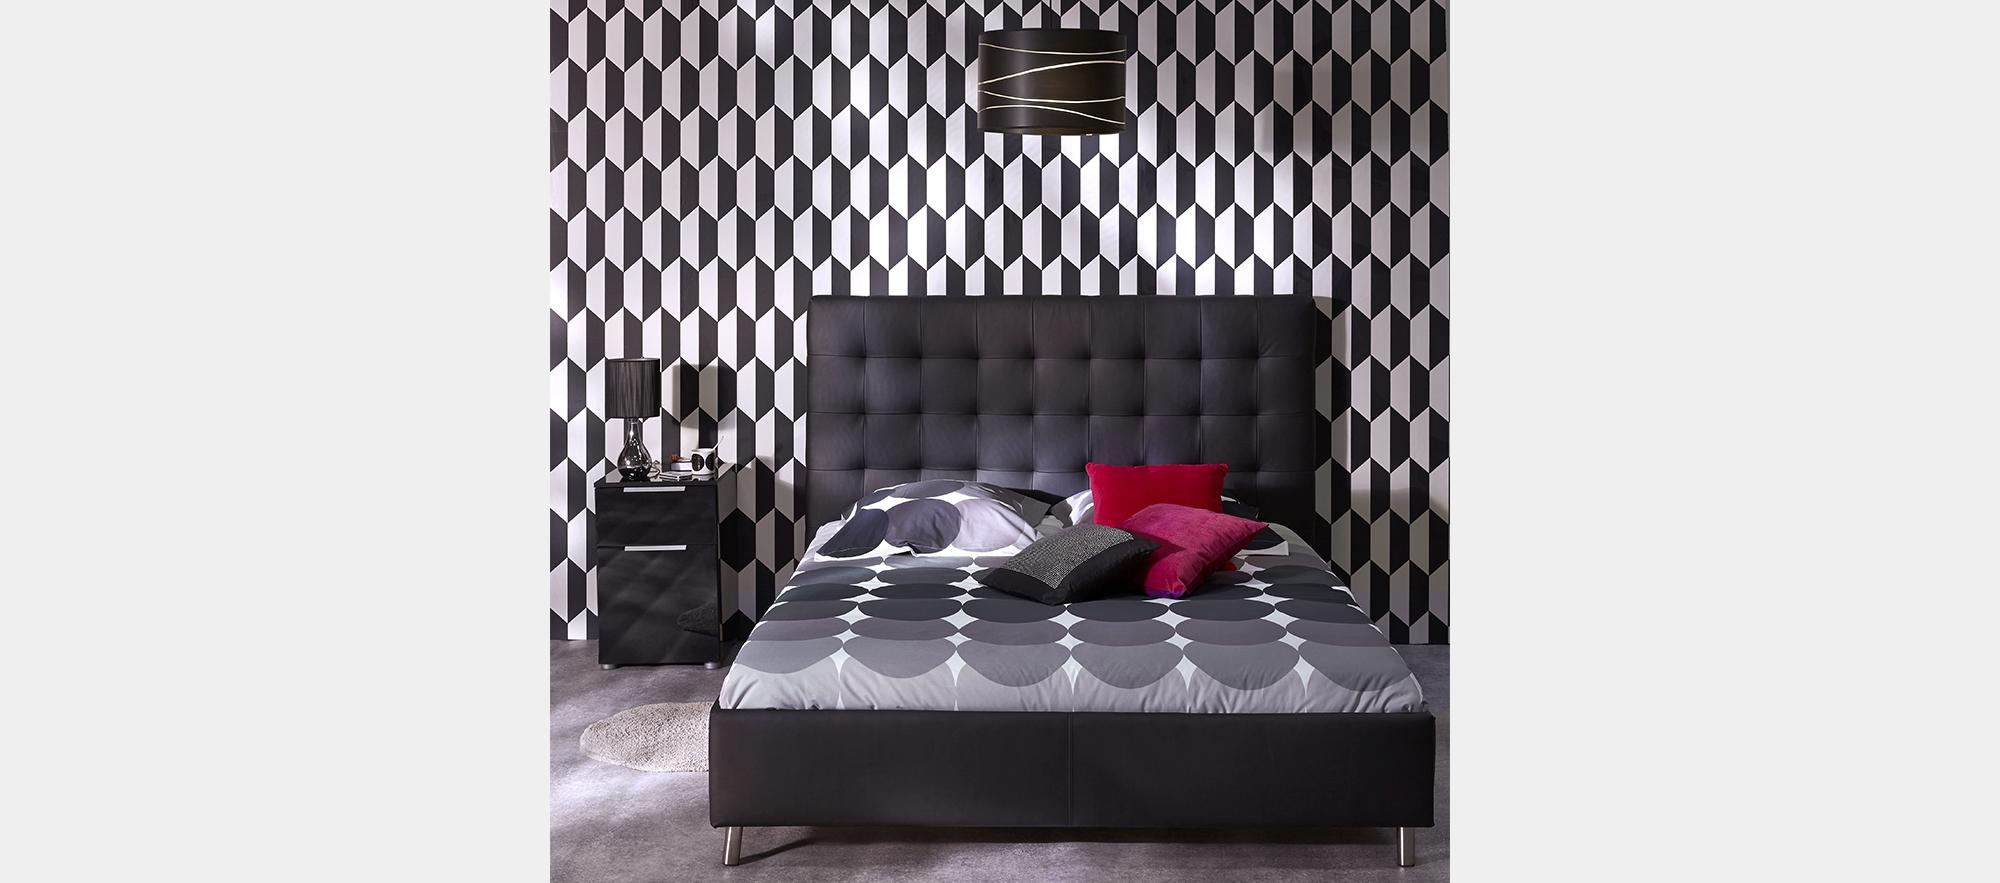 chambre design lit japp - Meuble Chambre But